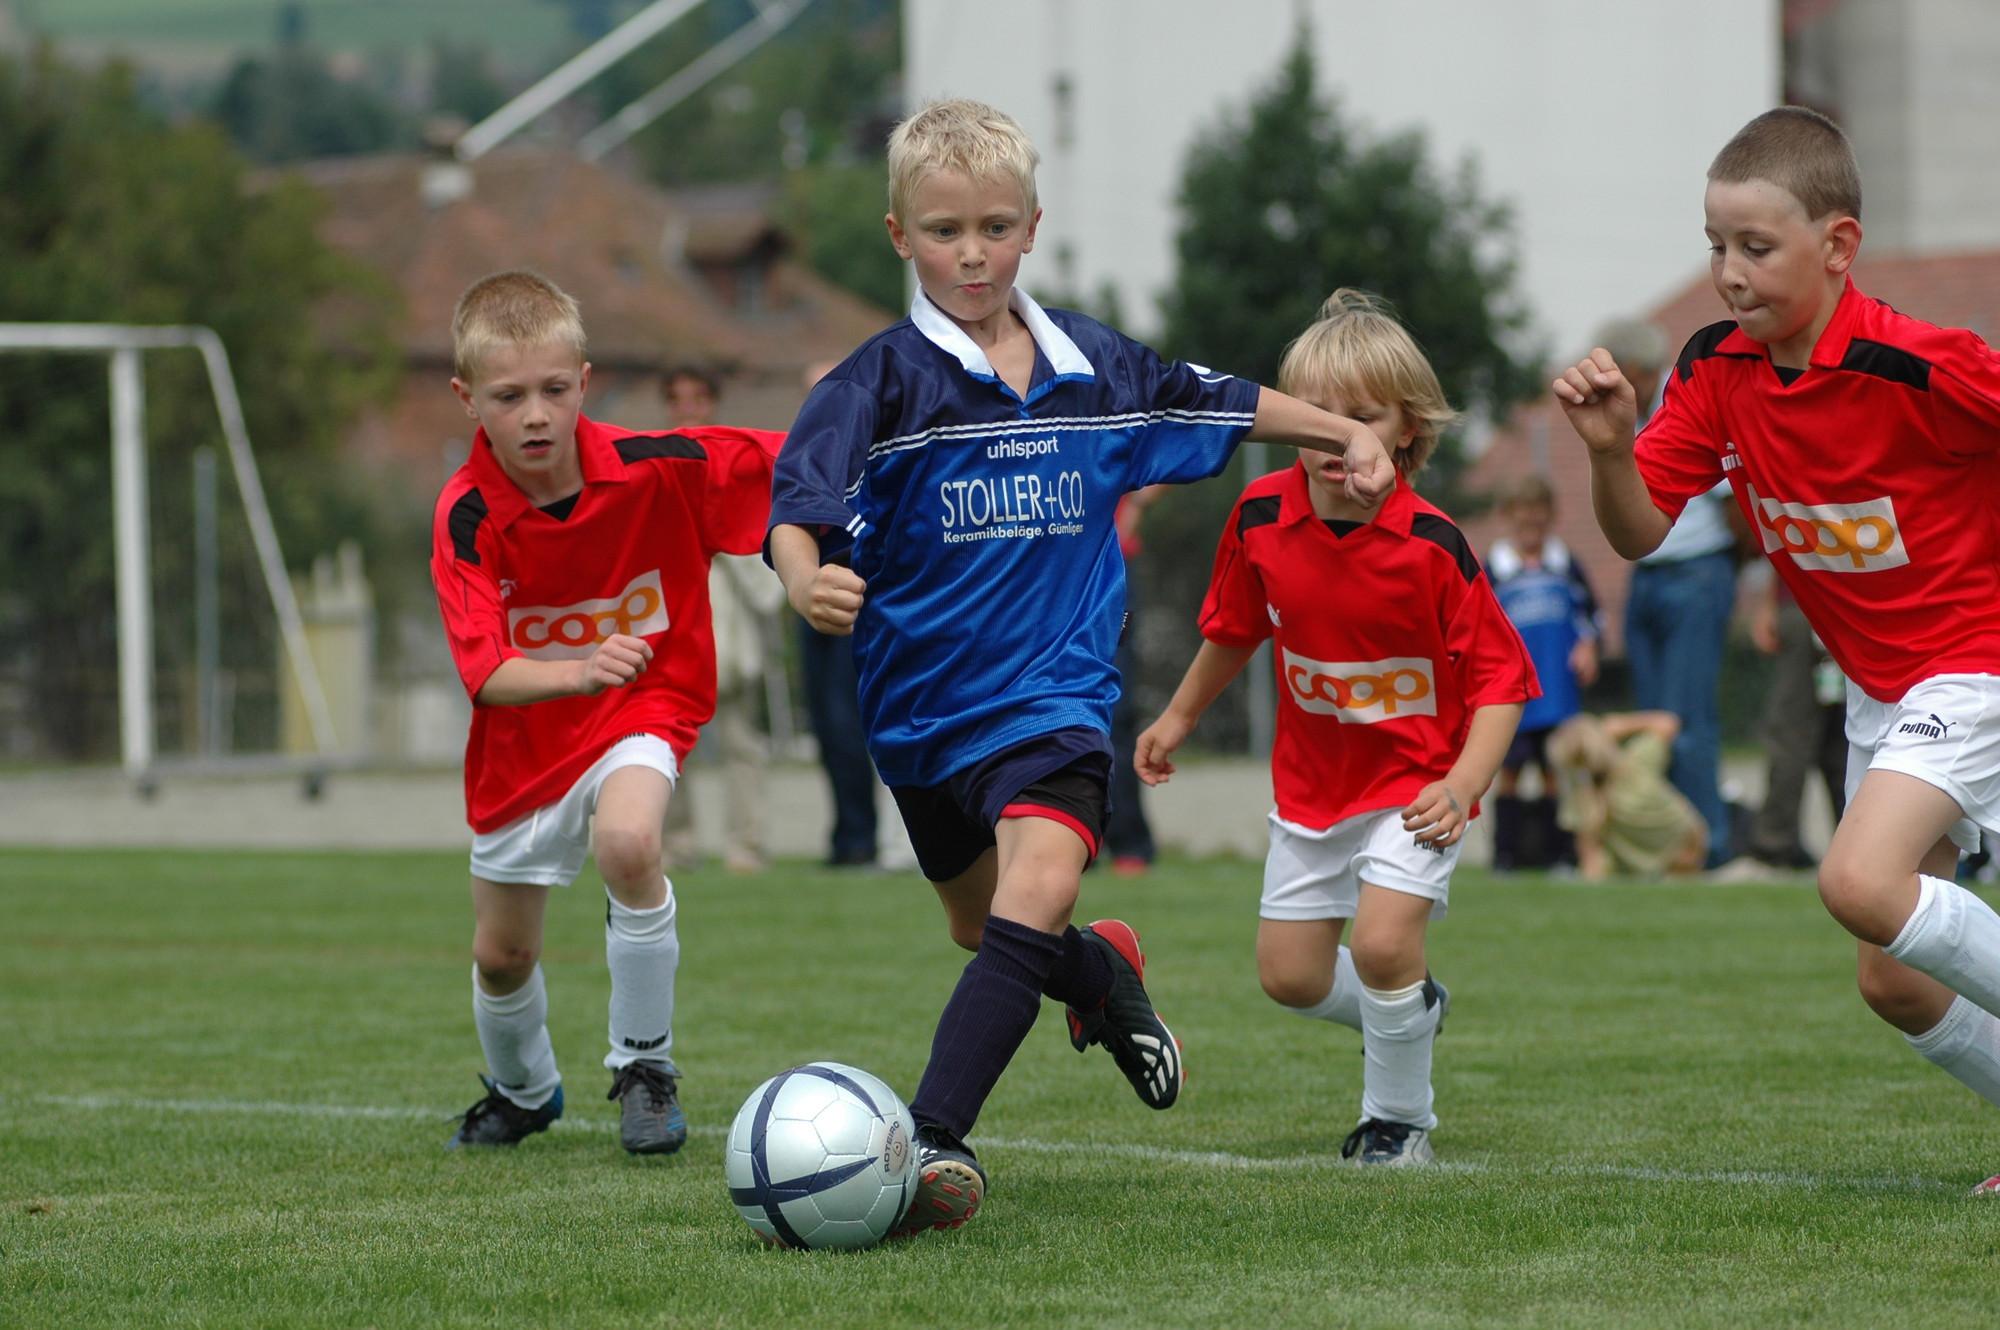 Fussball Sicherheitstipps Fur Grumpelturniere Mobilesport Ch